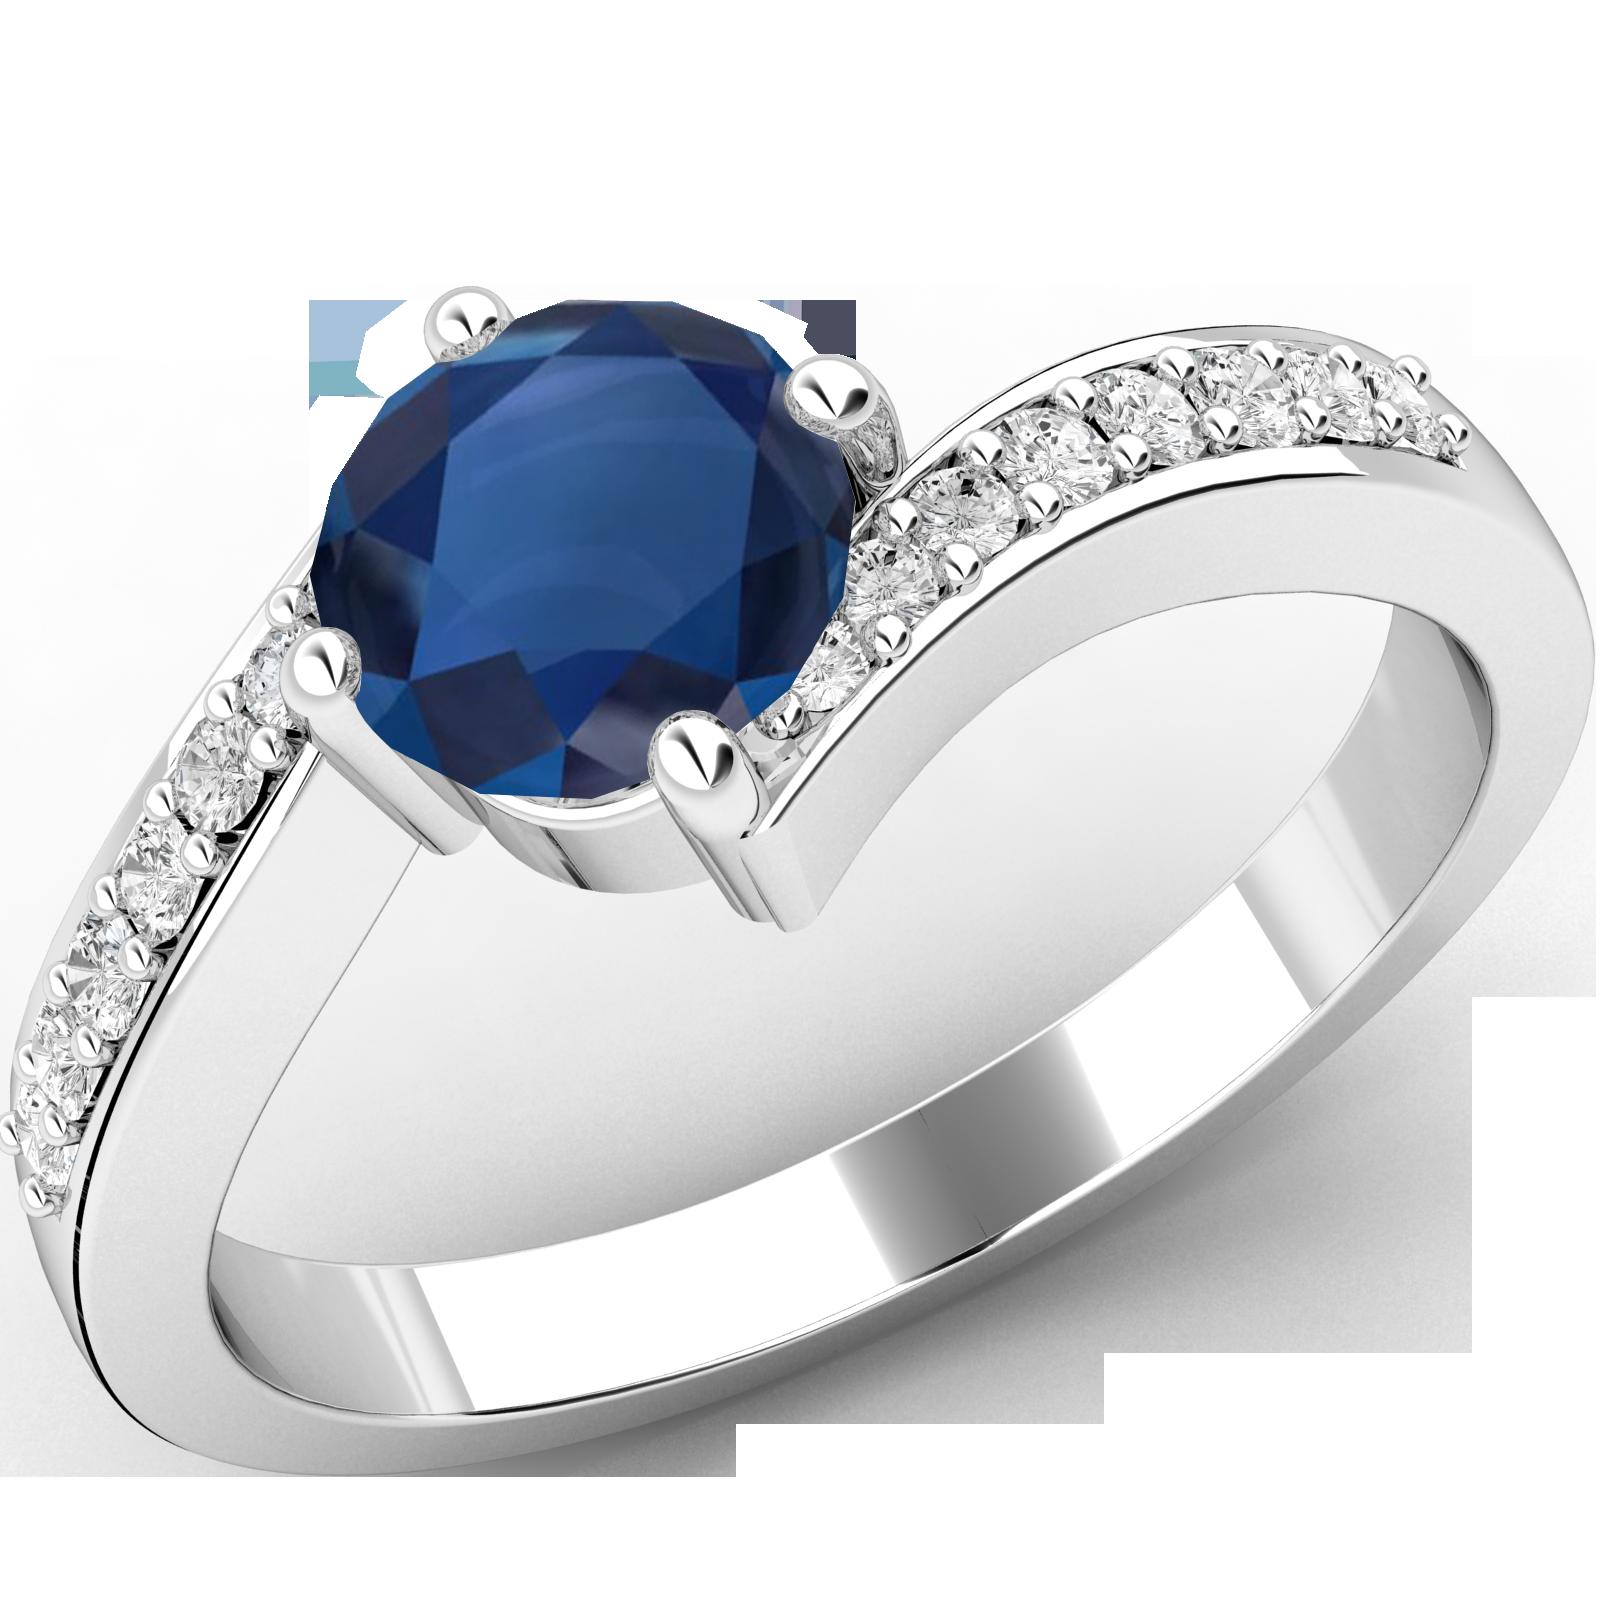 RDS409W-Inel cu Safir si Diamante Mici pe Lateral Dama Aur Alb 18kt cu un Safir Rotund Briliant in Centru si Diamante Rotunde Briliant Pe Margini in Setare cu Gheare, Inel Twist-img1